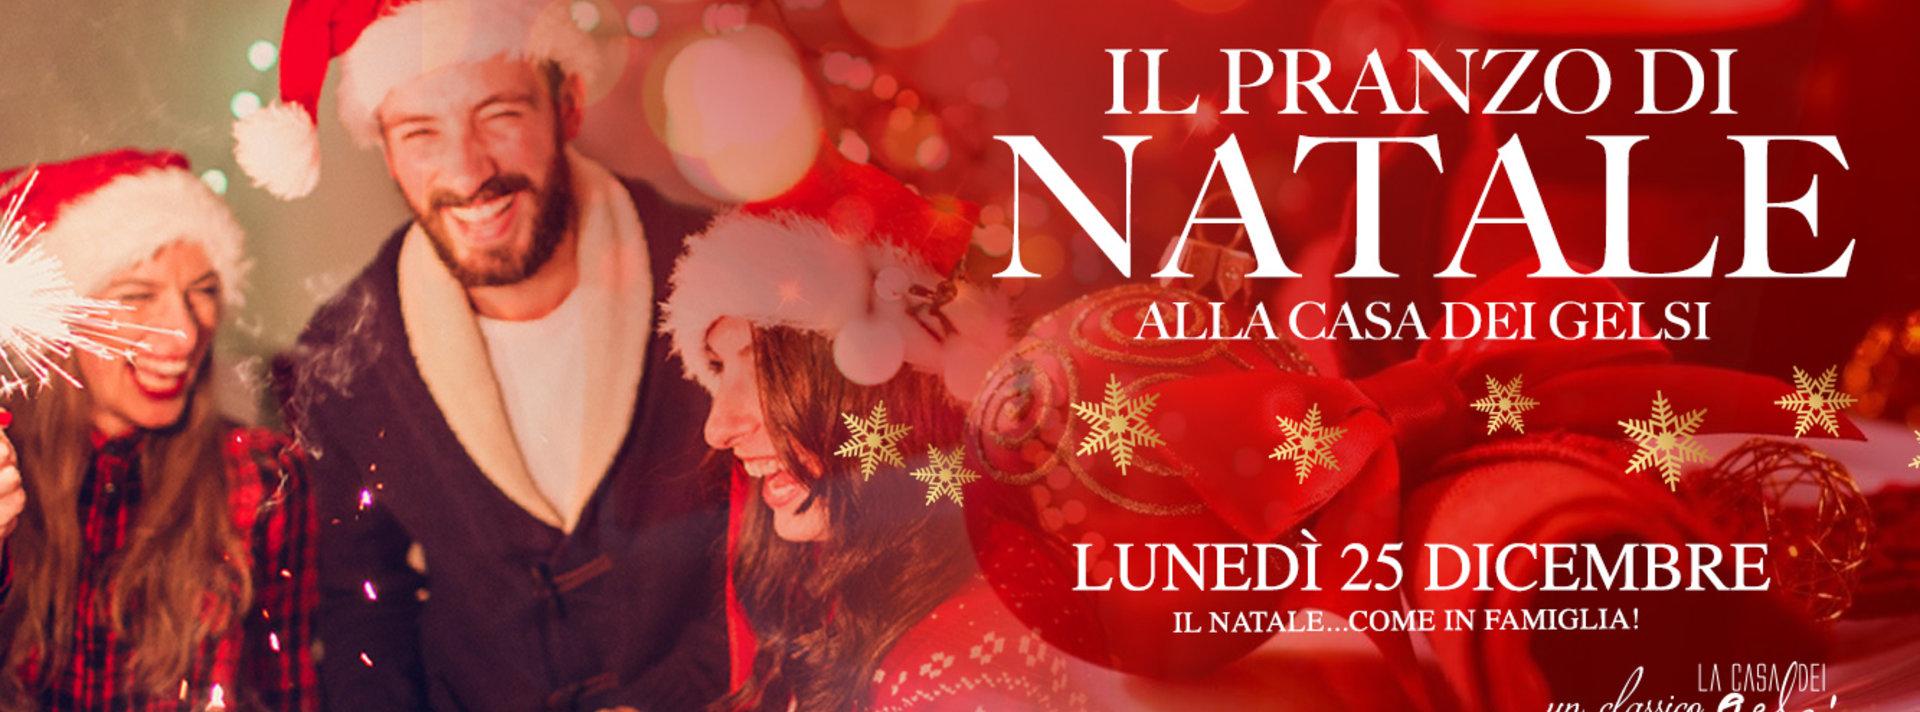 Pranzo di Natale 2017 ai Gelsi - Rosà Bassano Vice